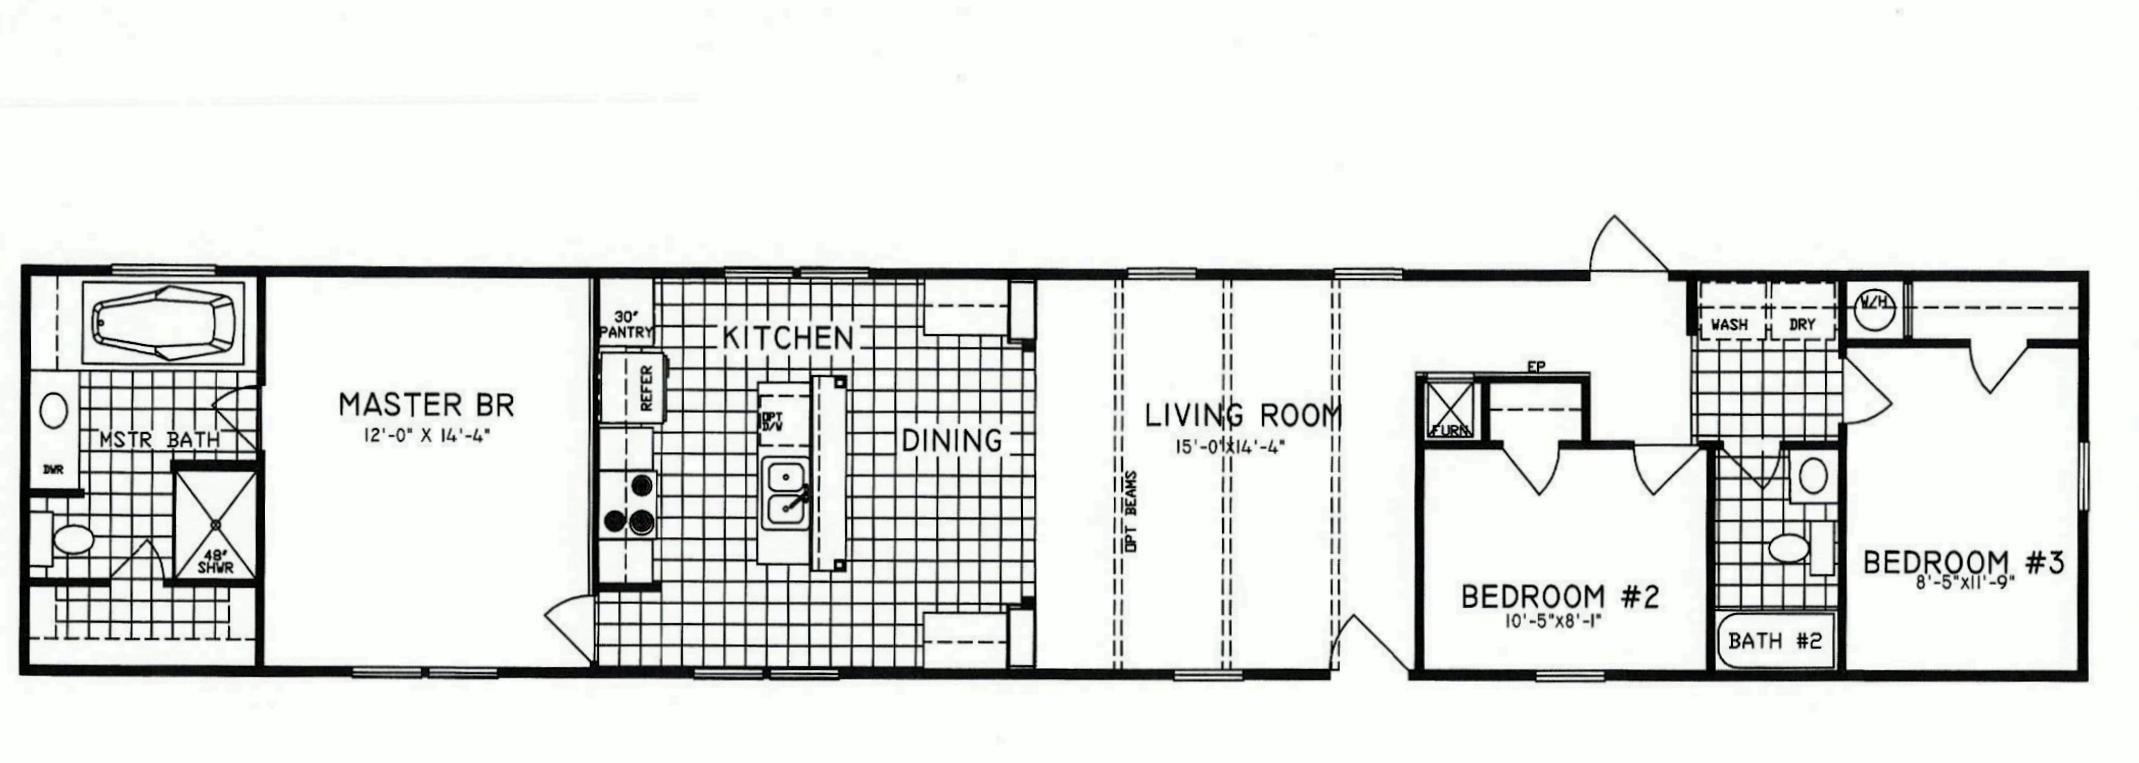 3 Bedroom Floor Plan: C-9010